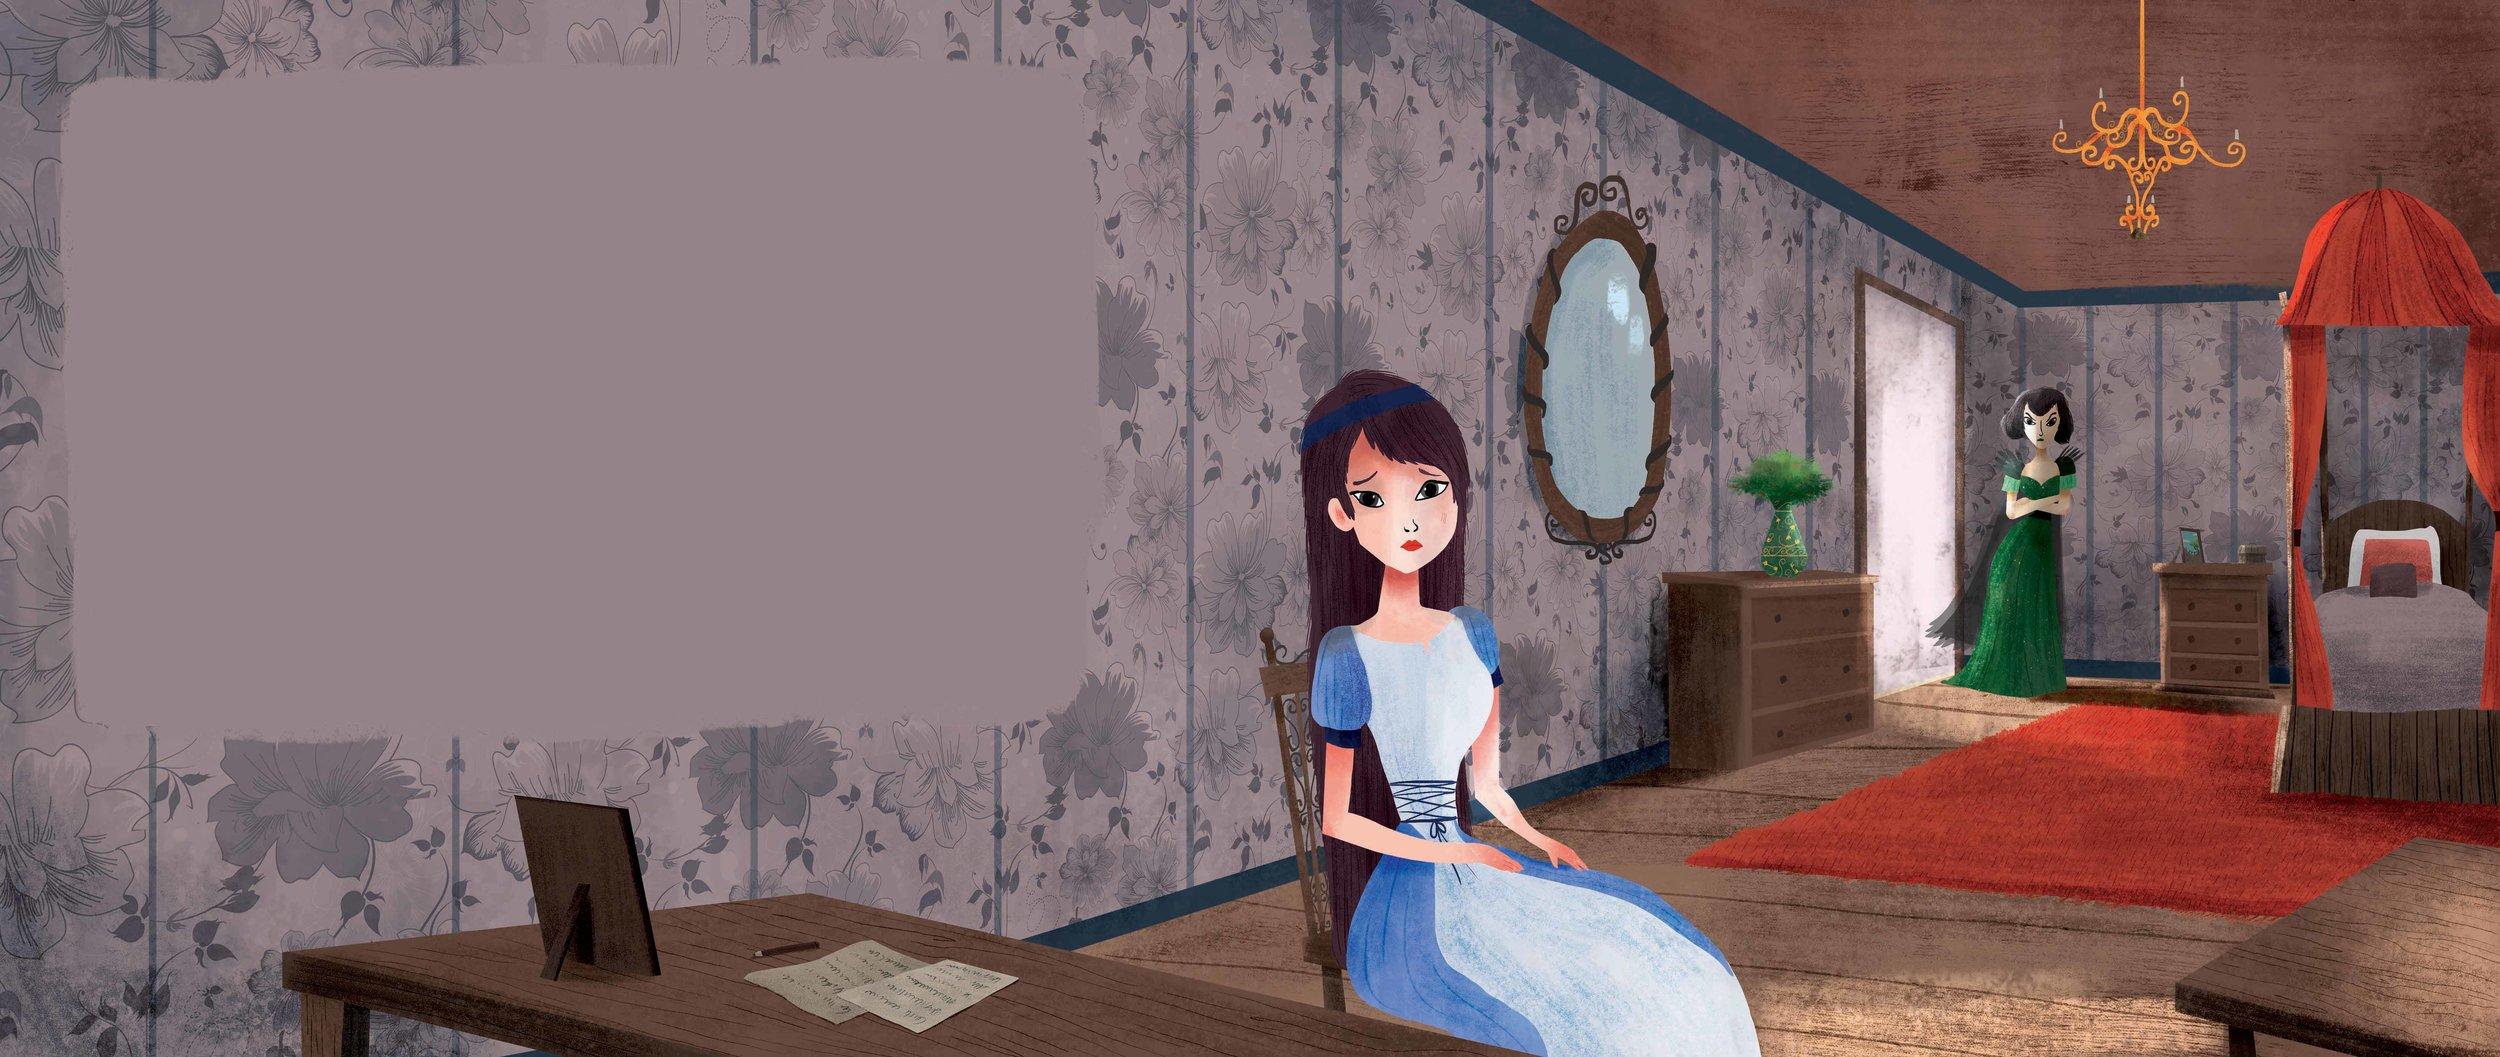 snow white page 4-5.jpg